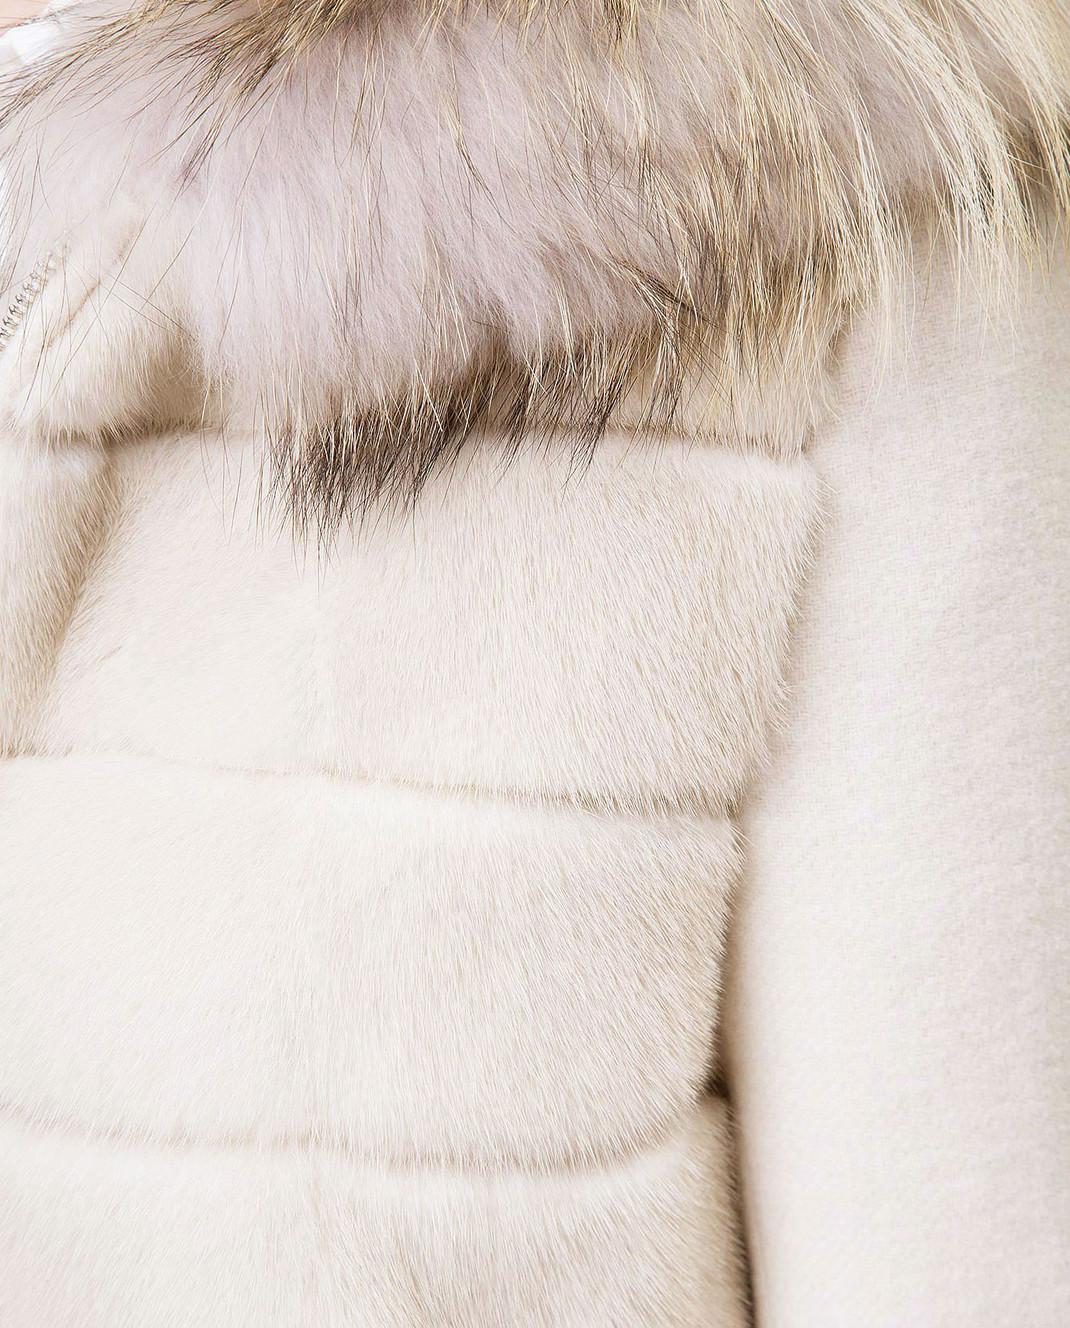 Real Furs House Светло-бежевое пальто с мехом енота 922RFH изображение 5